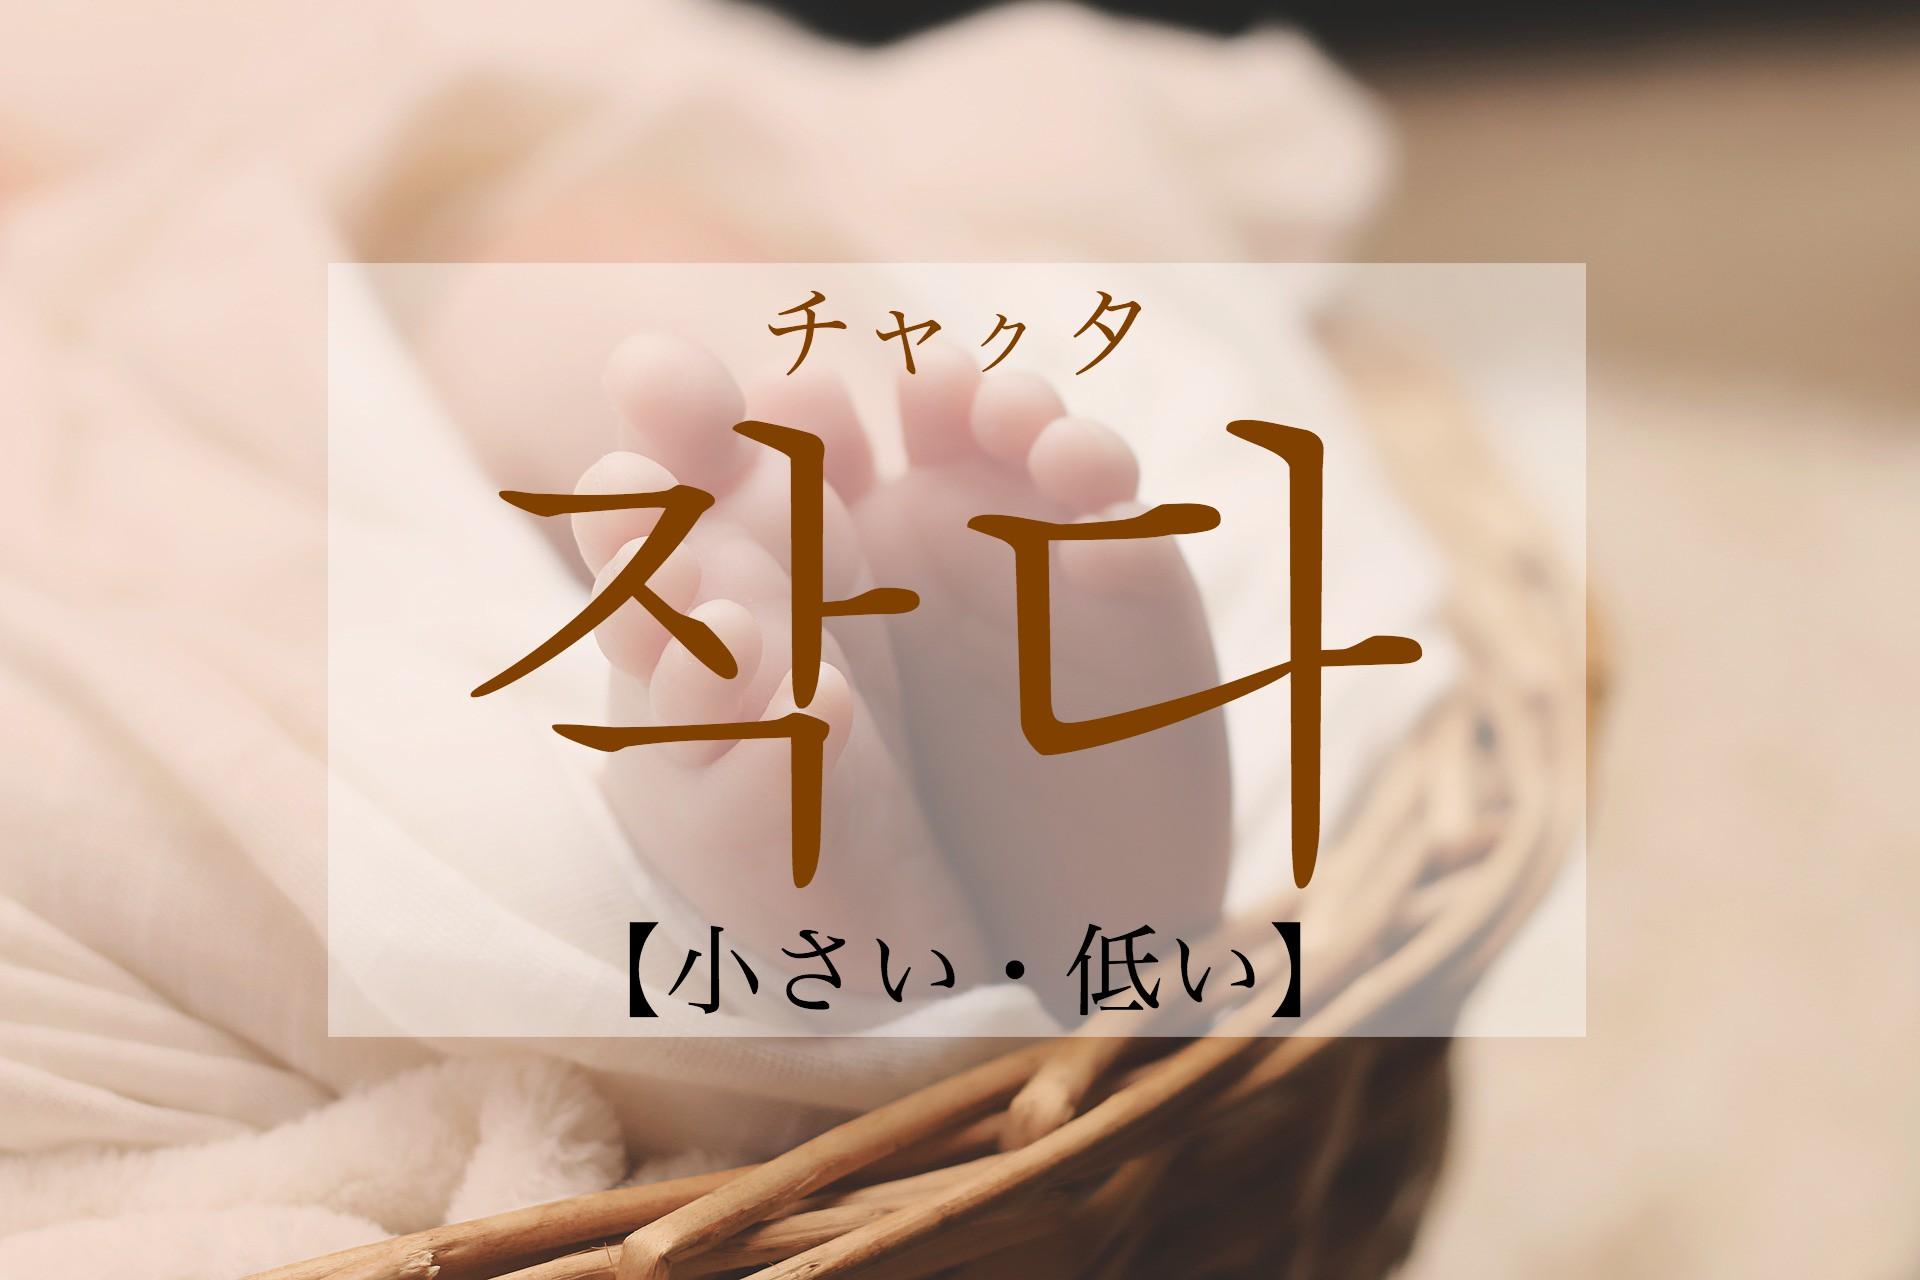 韓国語で「小さい・低い」の【작다(チャクタ)】の活用や発音は?